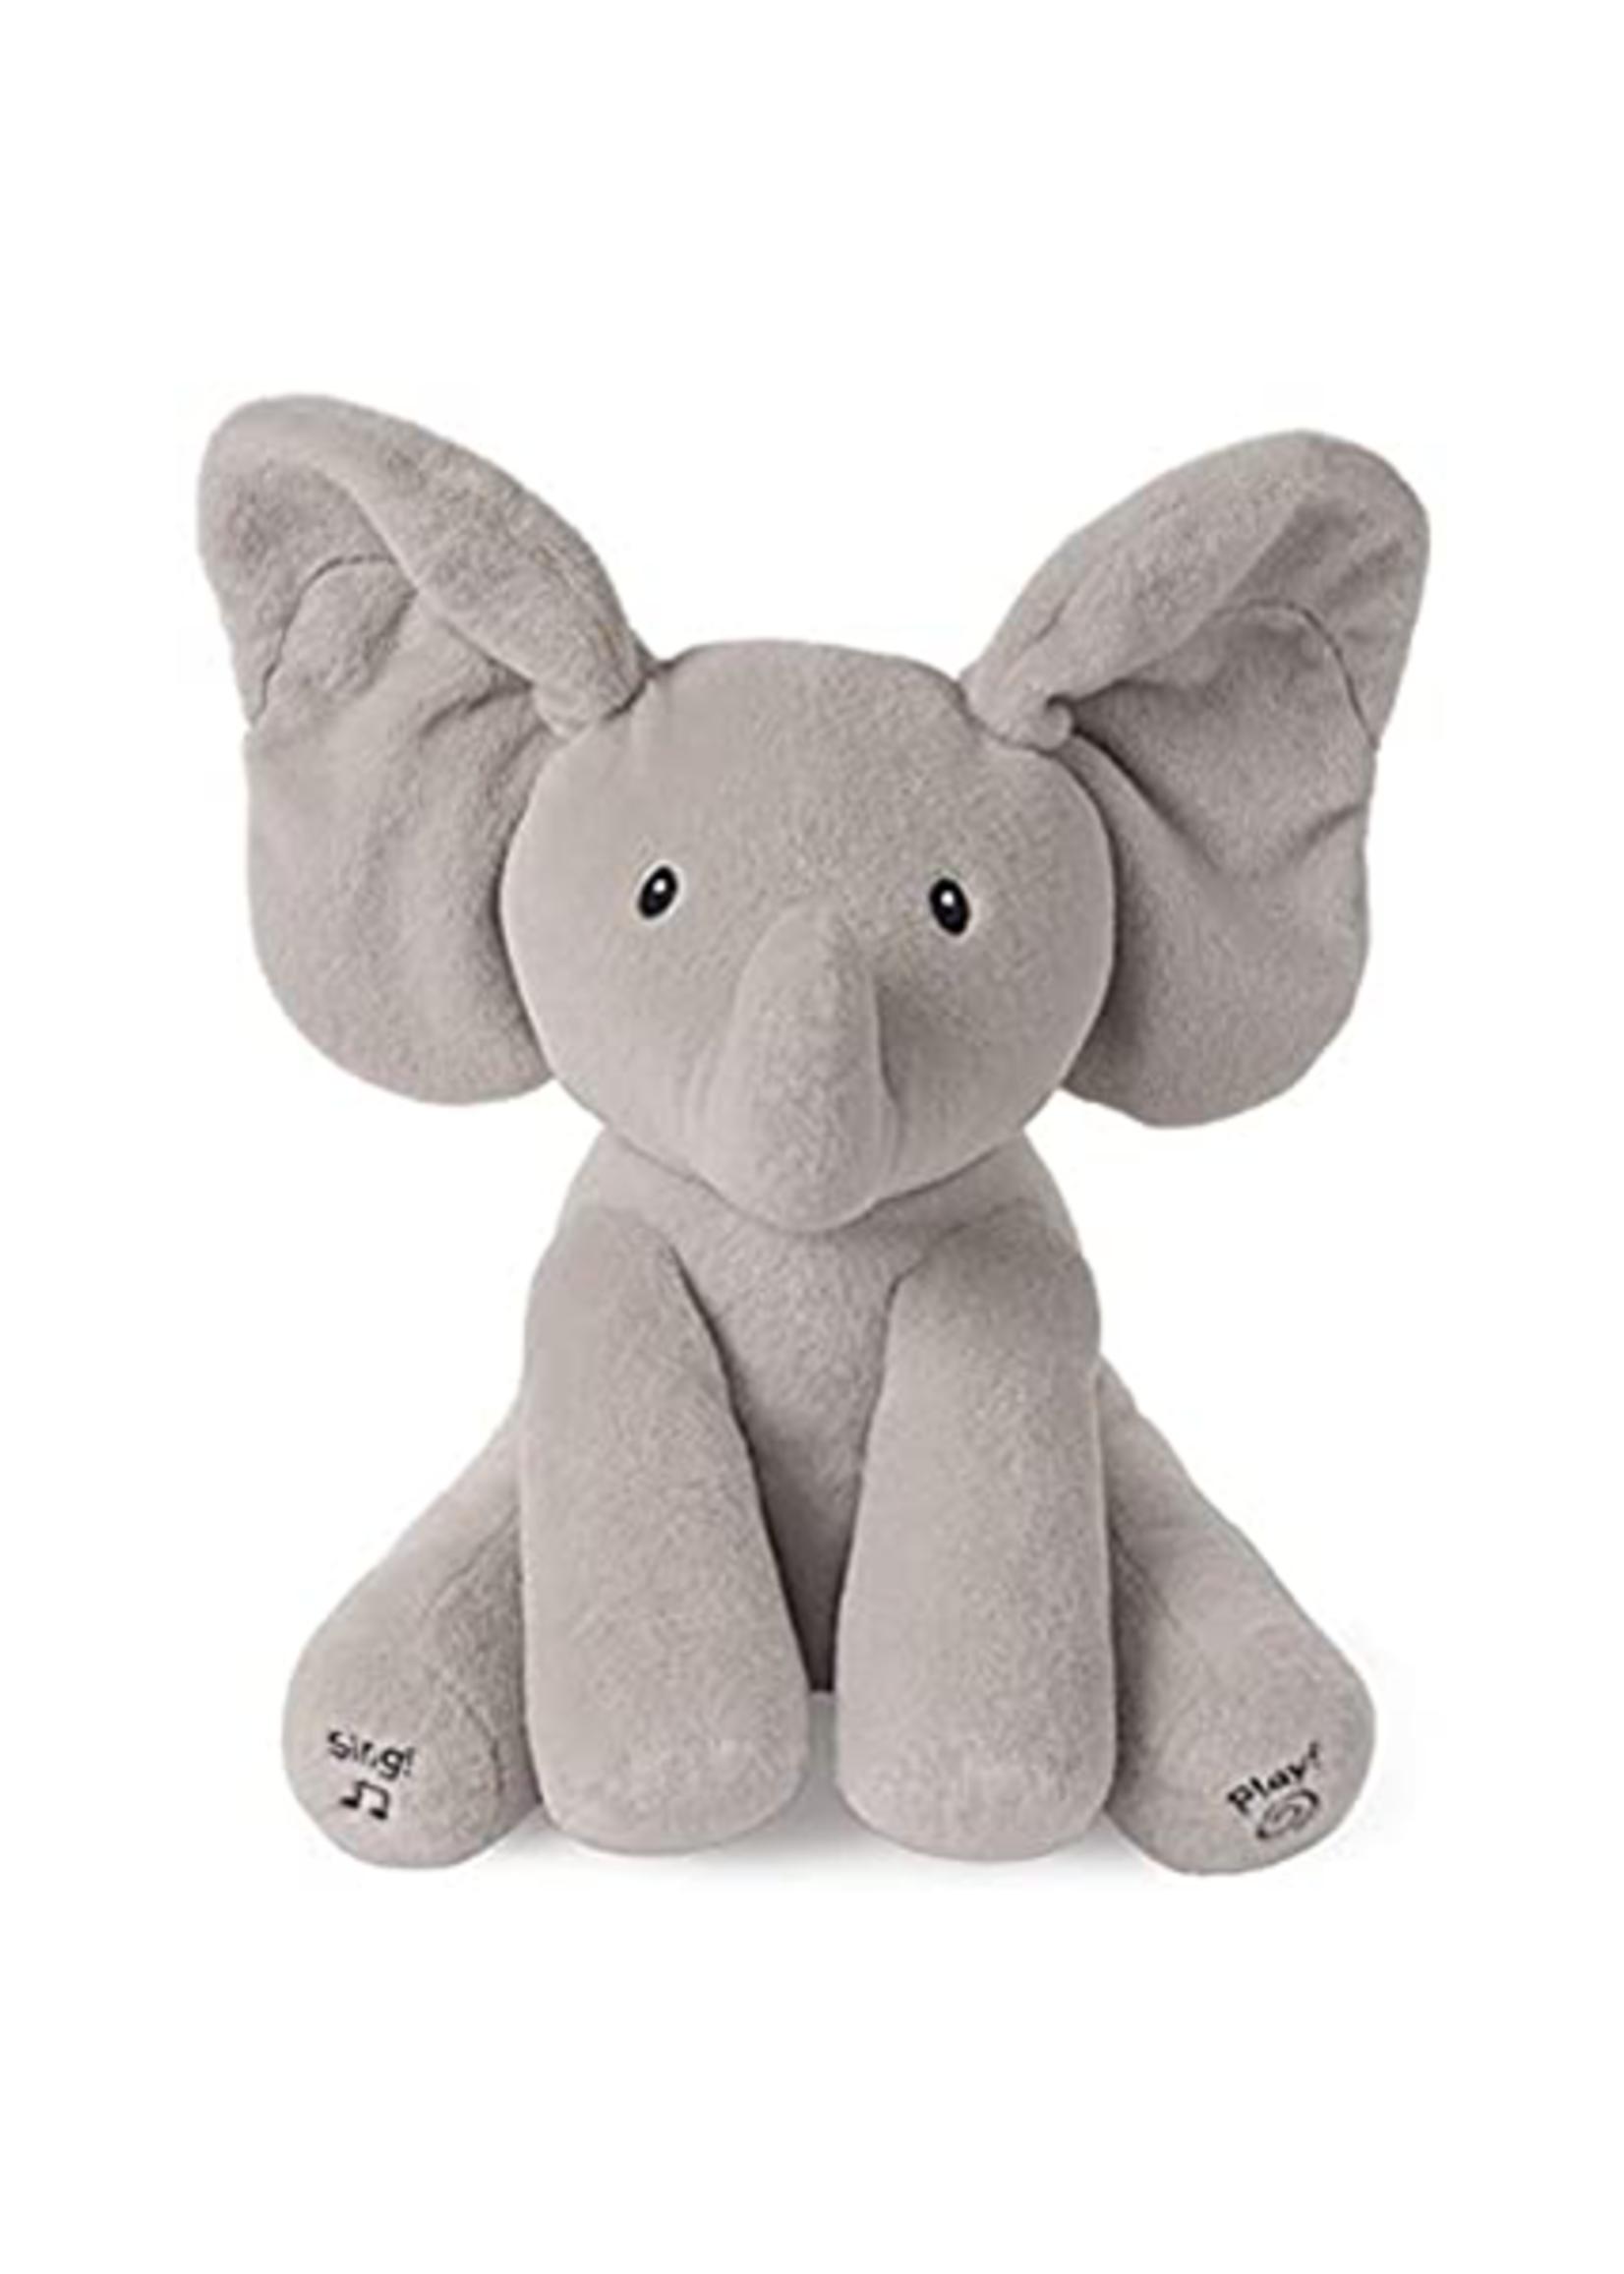 Flappy Elephant Animated Plush 30.5cm